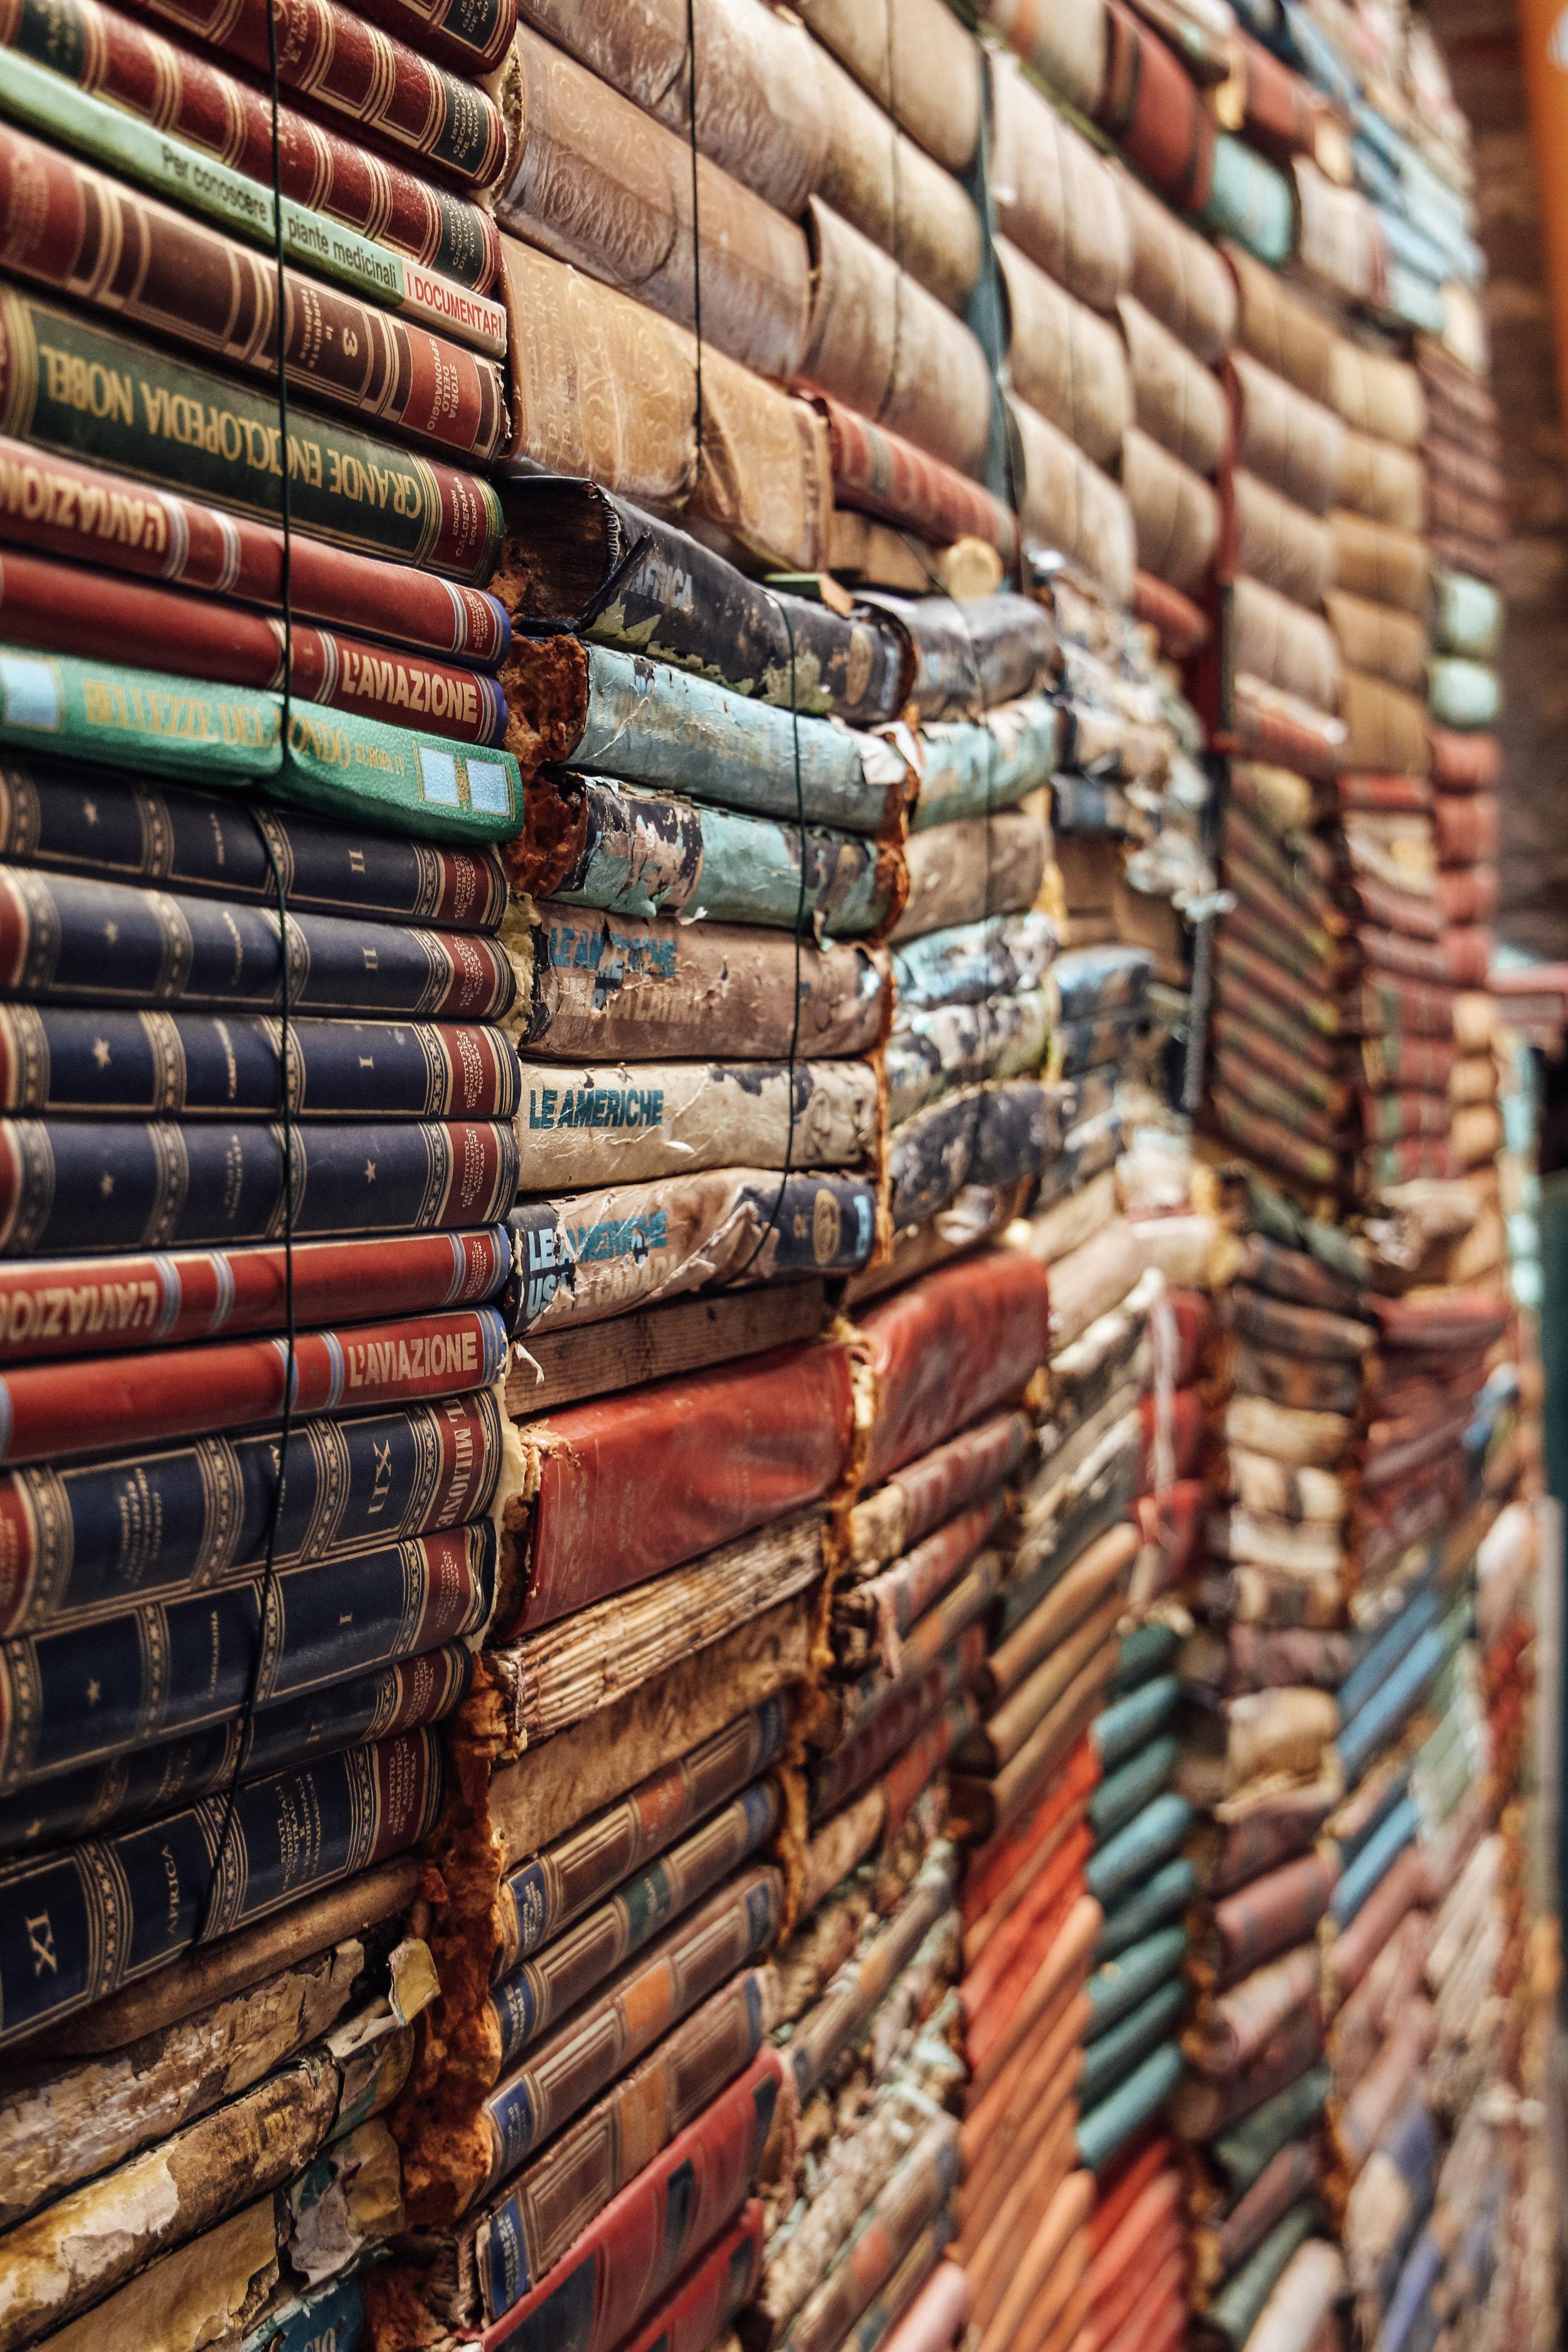 Libreria Acqua Alta Books.jpg